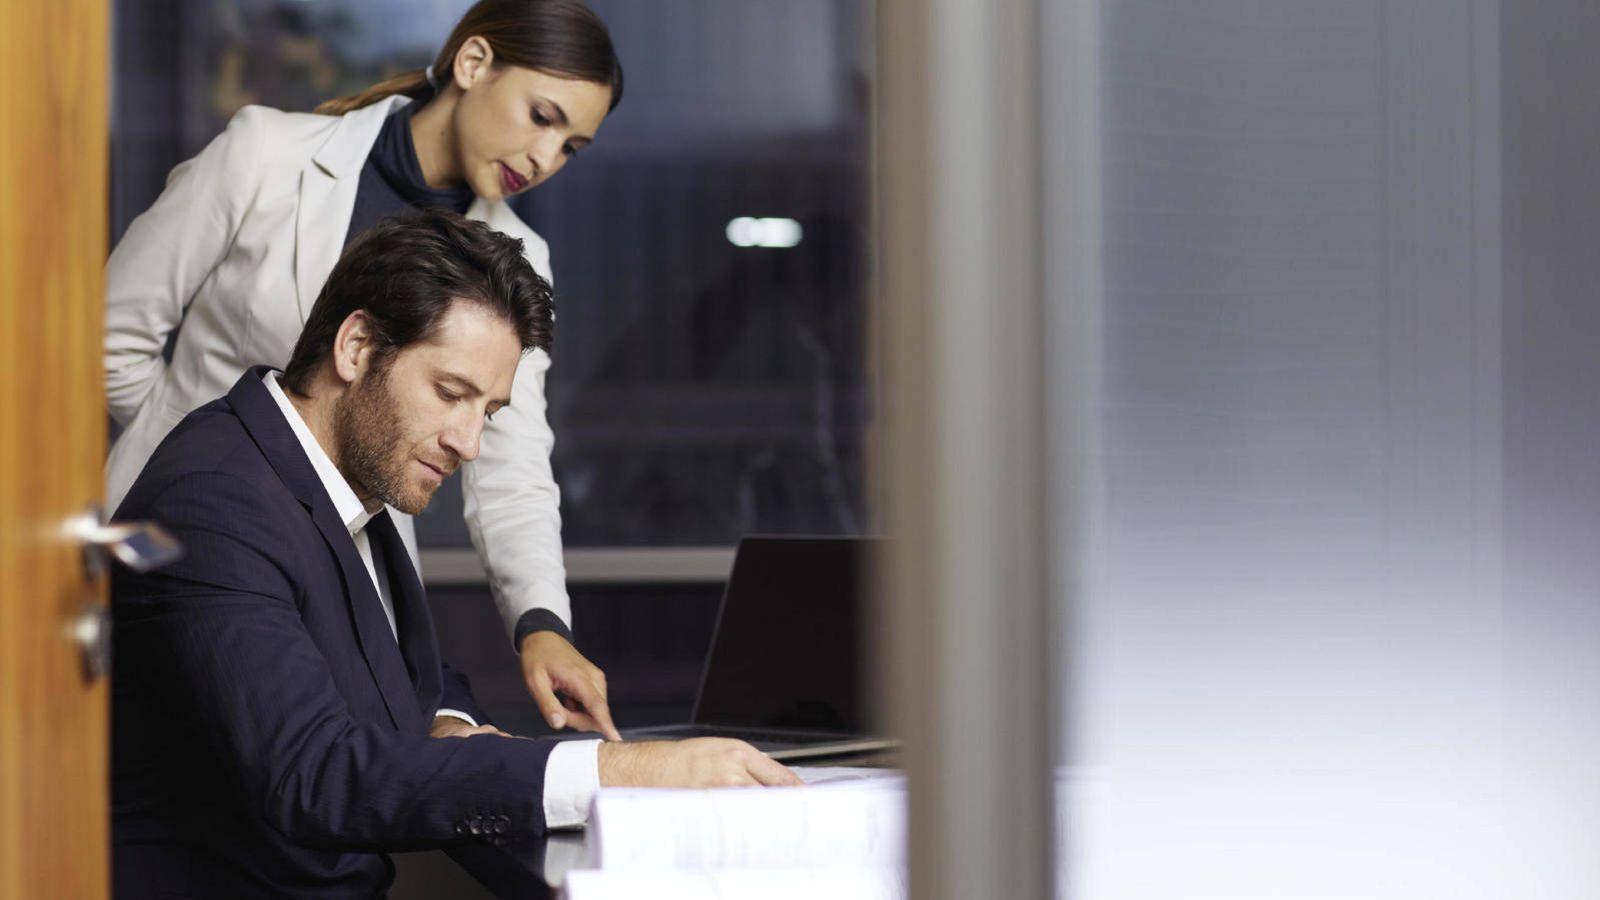 Resultado de imagen de Las 8 cosas que haces mal en el trabajo. Te van a despedir (y todos lo saben menos tú)